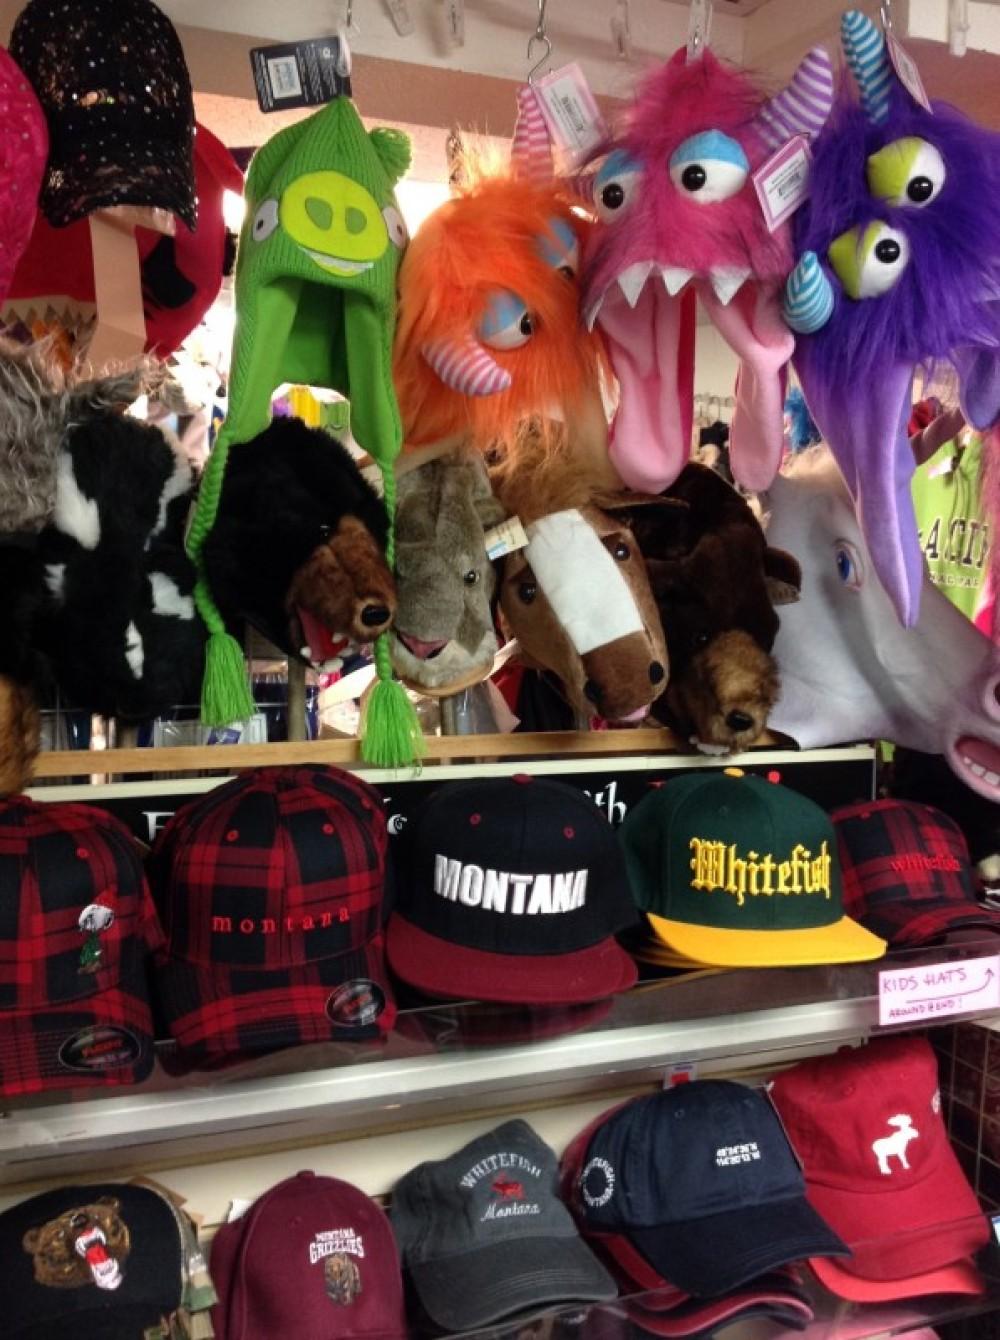 FUN HATS!